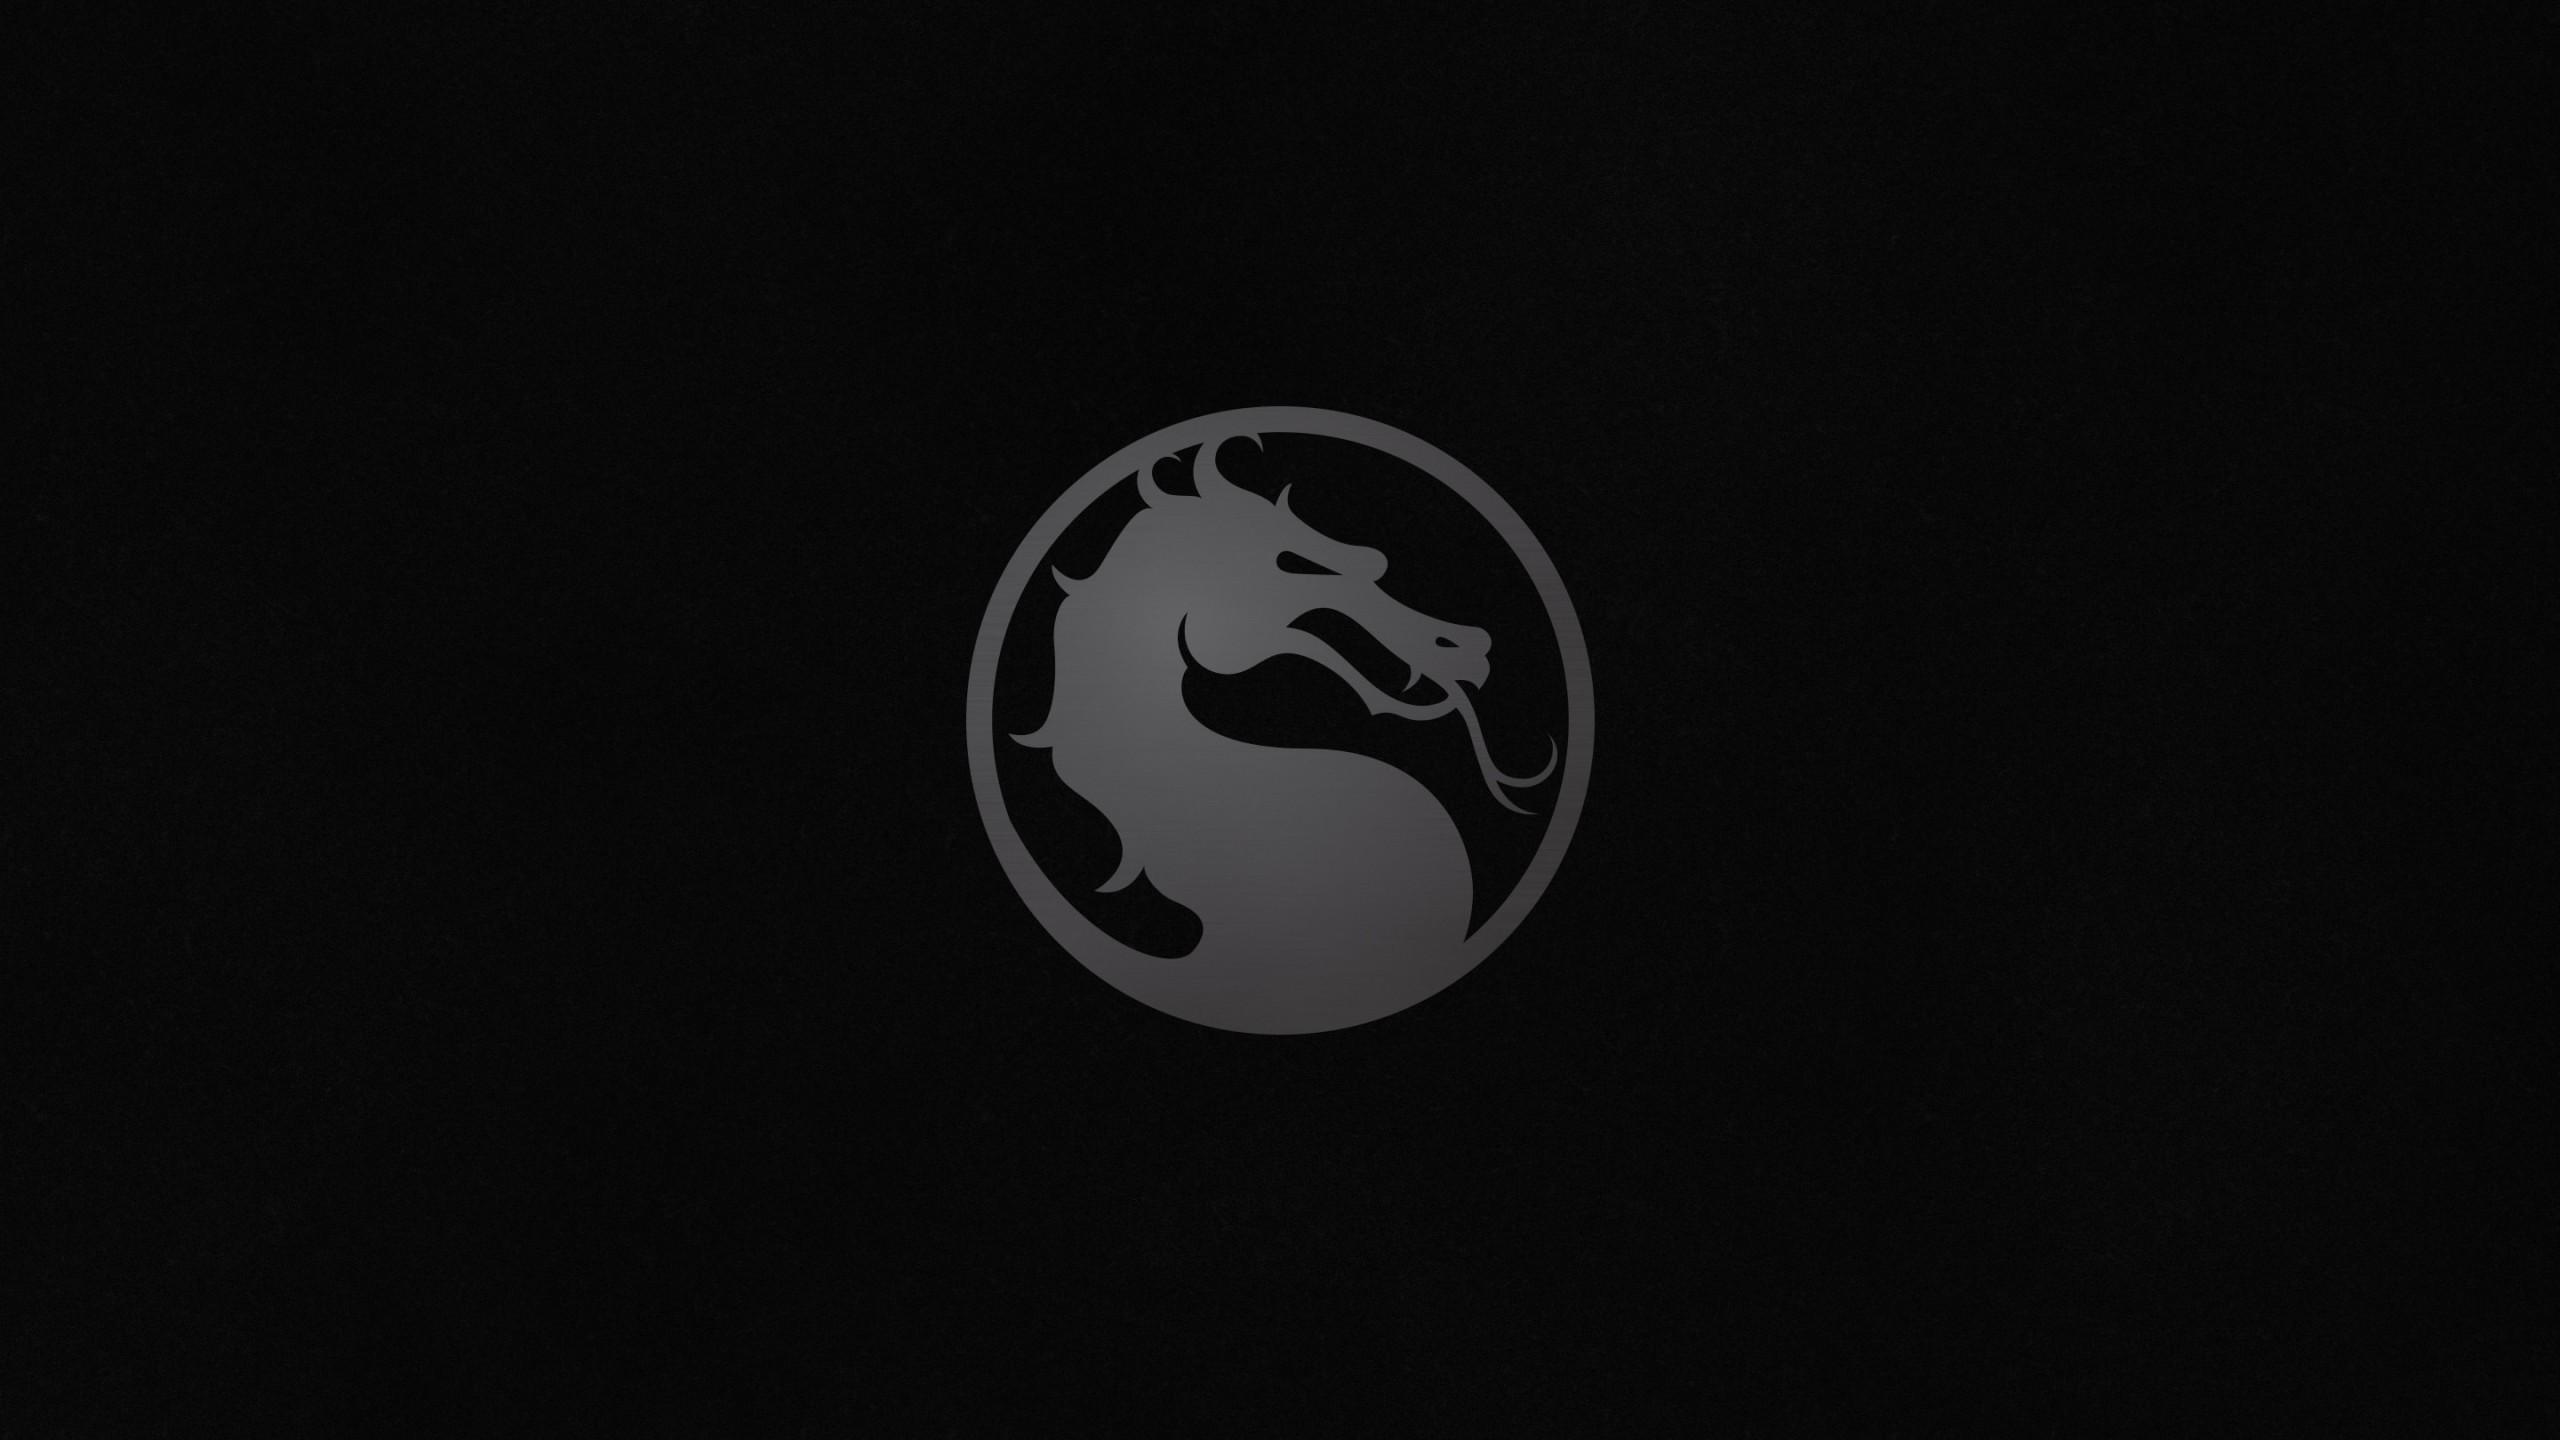 mortal kombat dragon logo